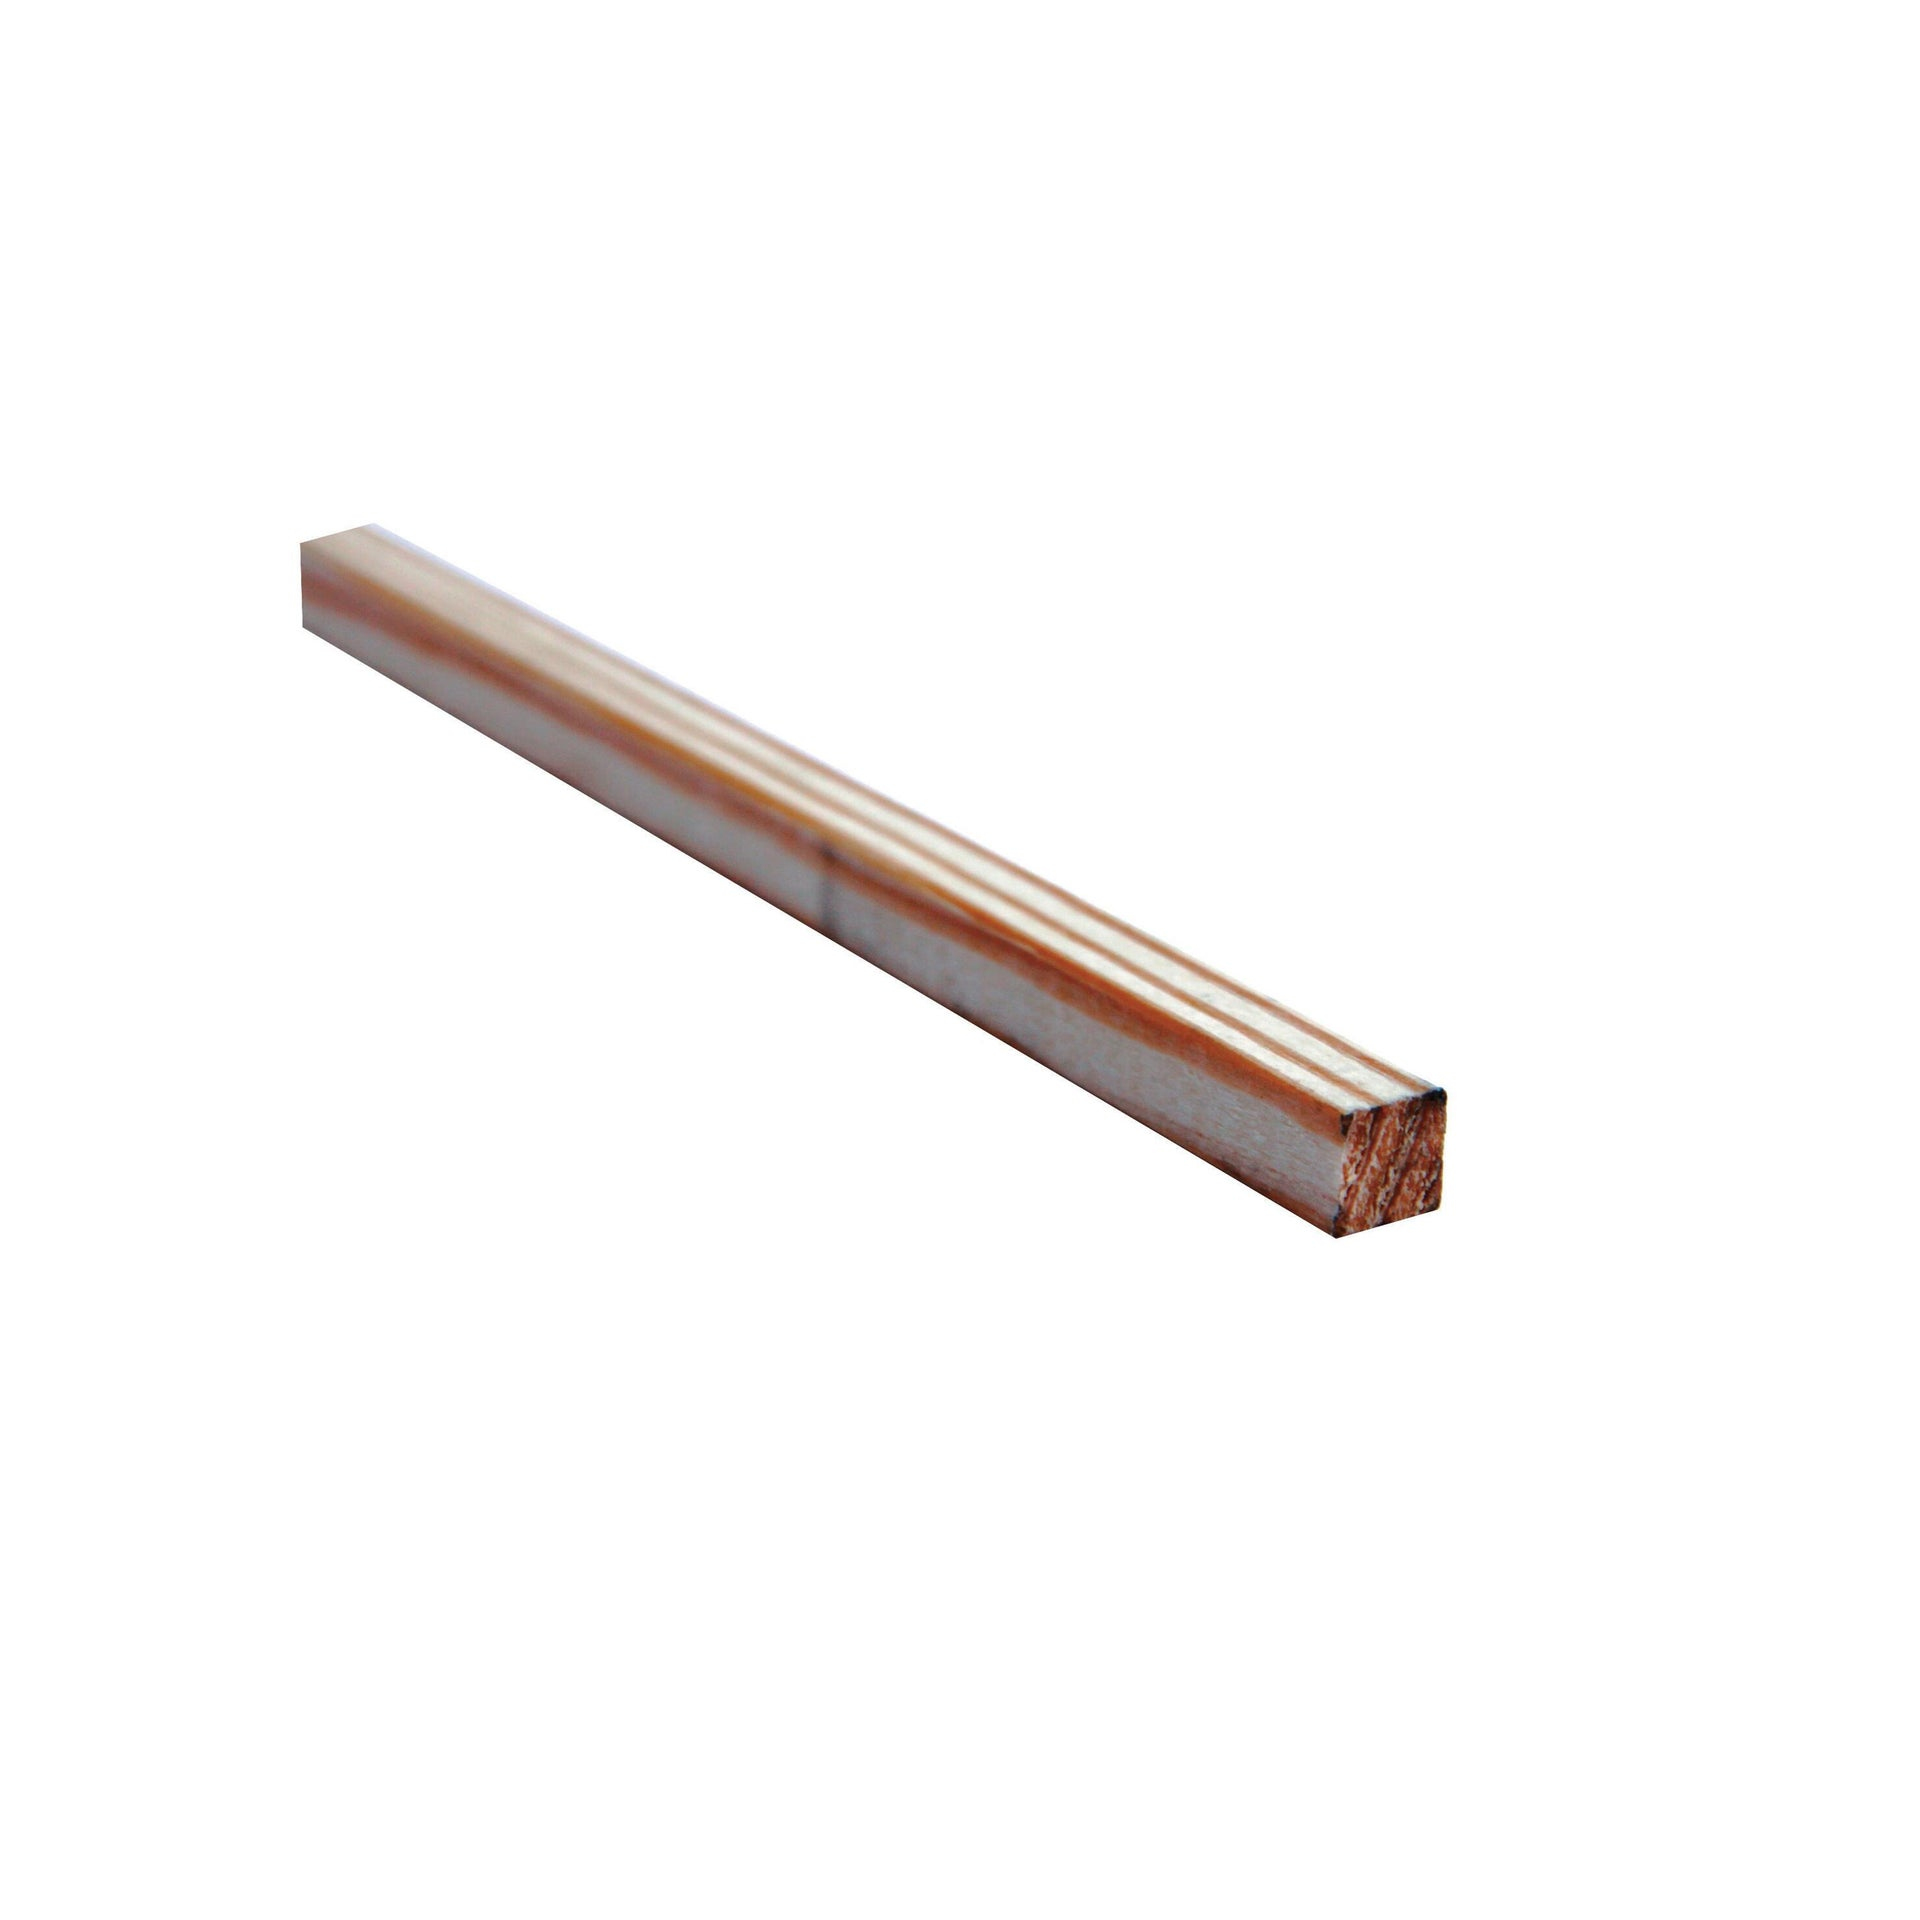 Listello piallato pino 2.1 m x 10 mm, Sp 10 mm